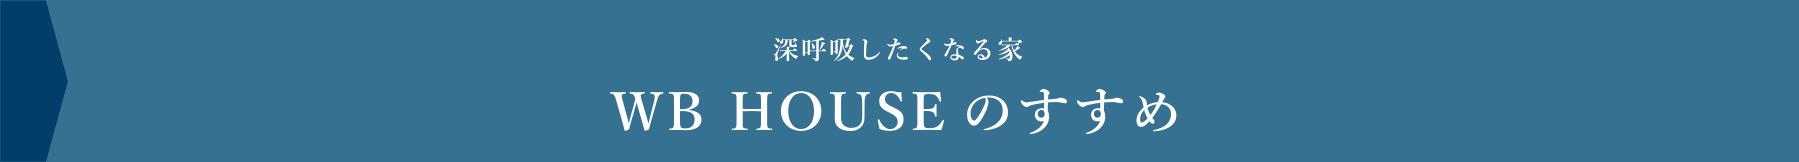 WB_HOUSEのすすめ